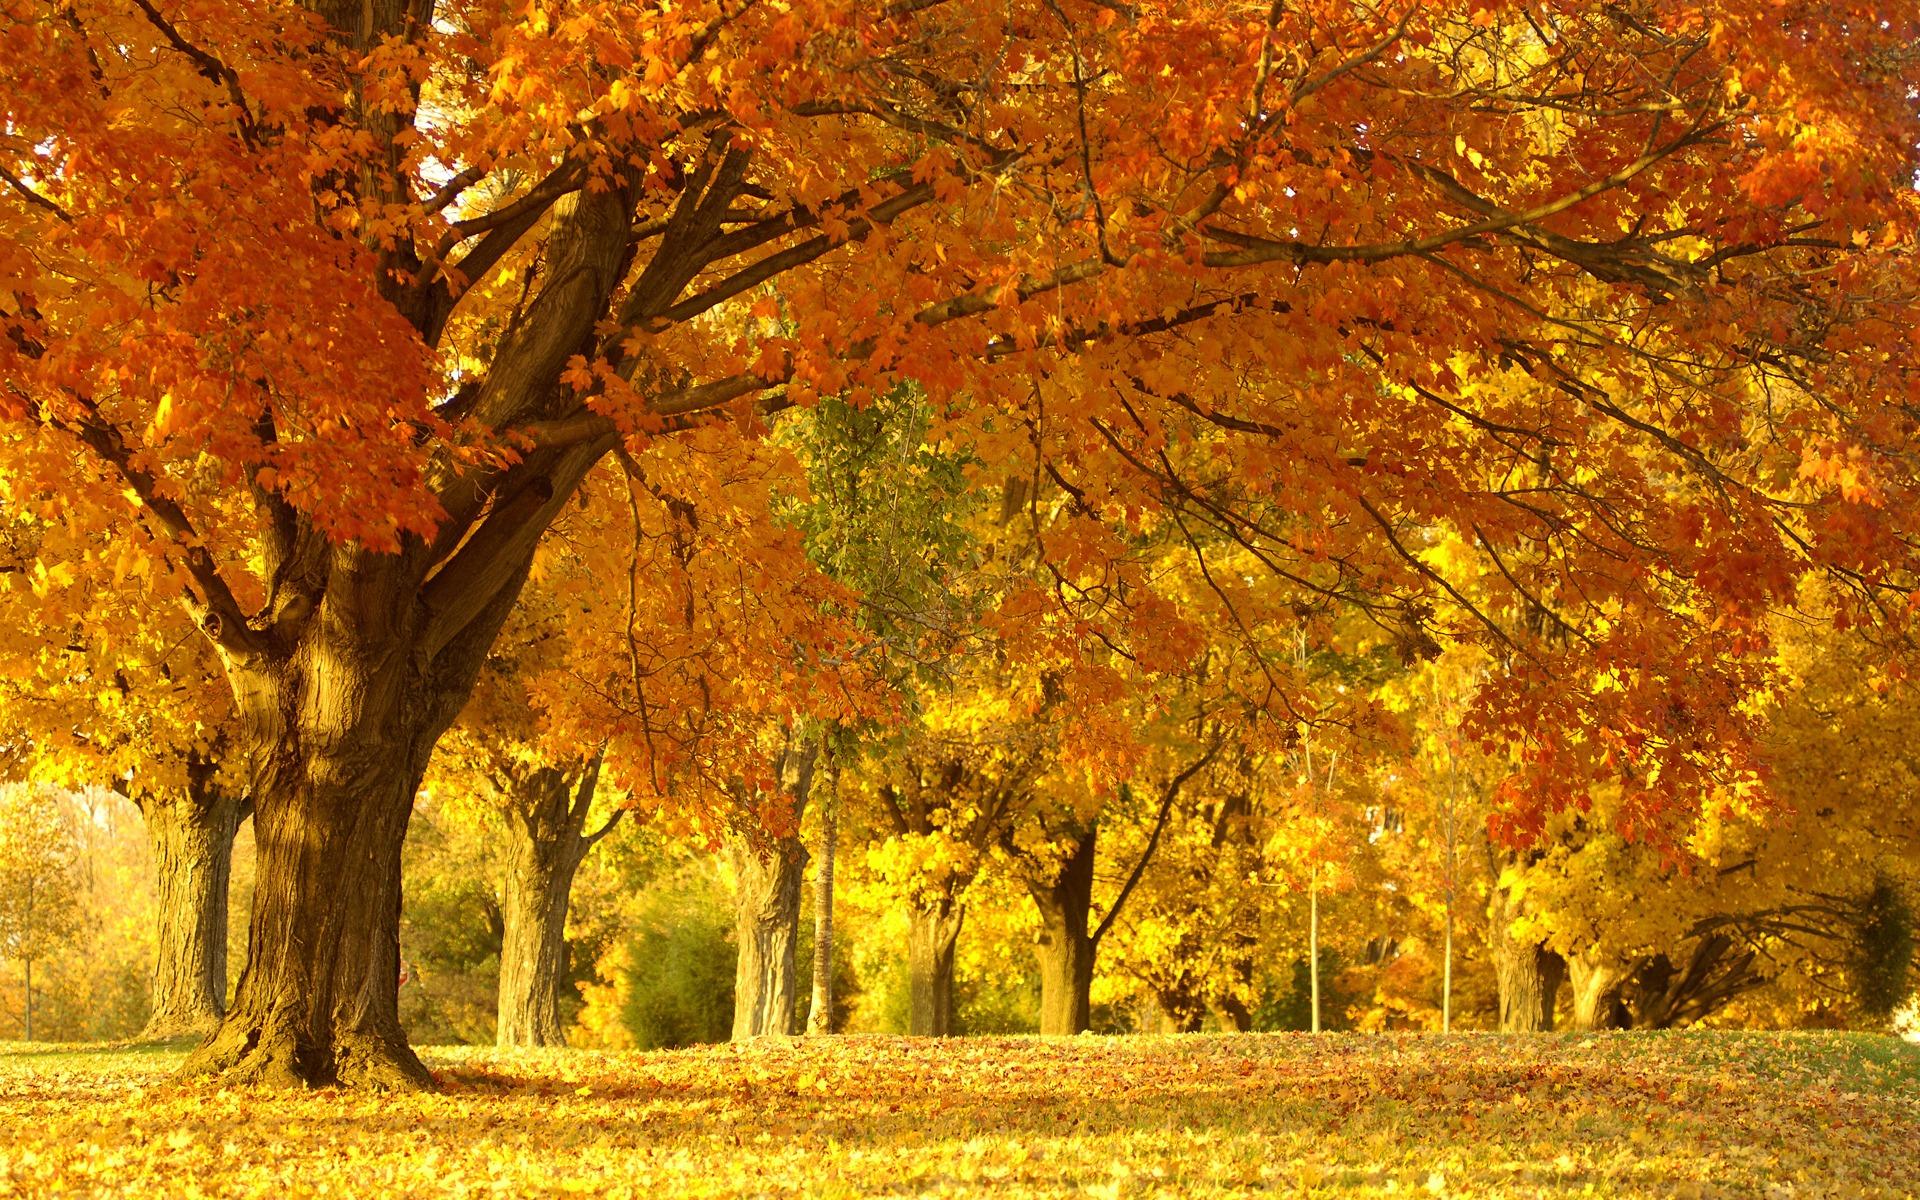 Good Wallpaper Home Screen Autumn - golden_autumn_tree_wallpaper_autumn_nature_1018  Photograph_267178.jpg